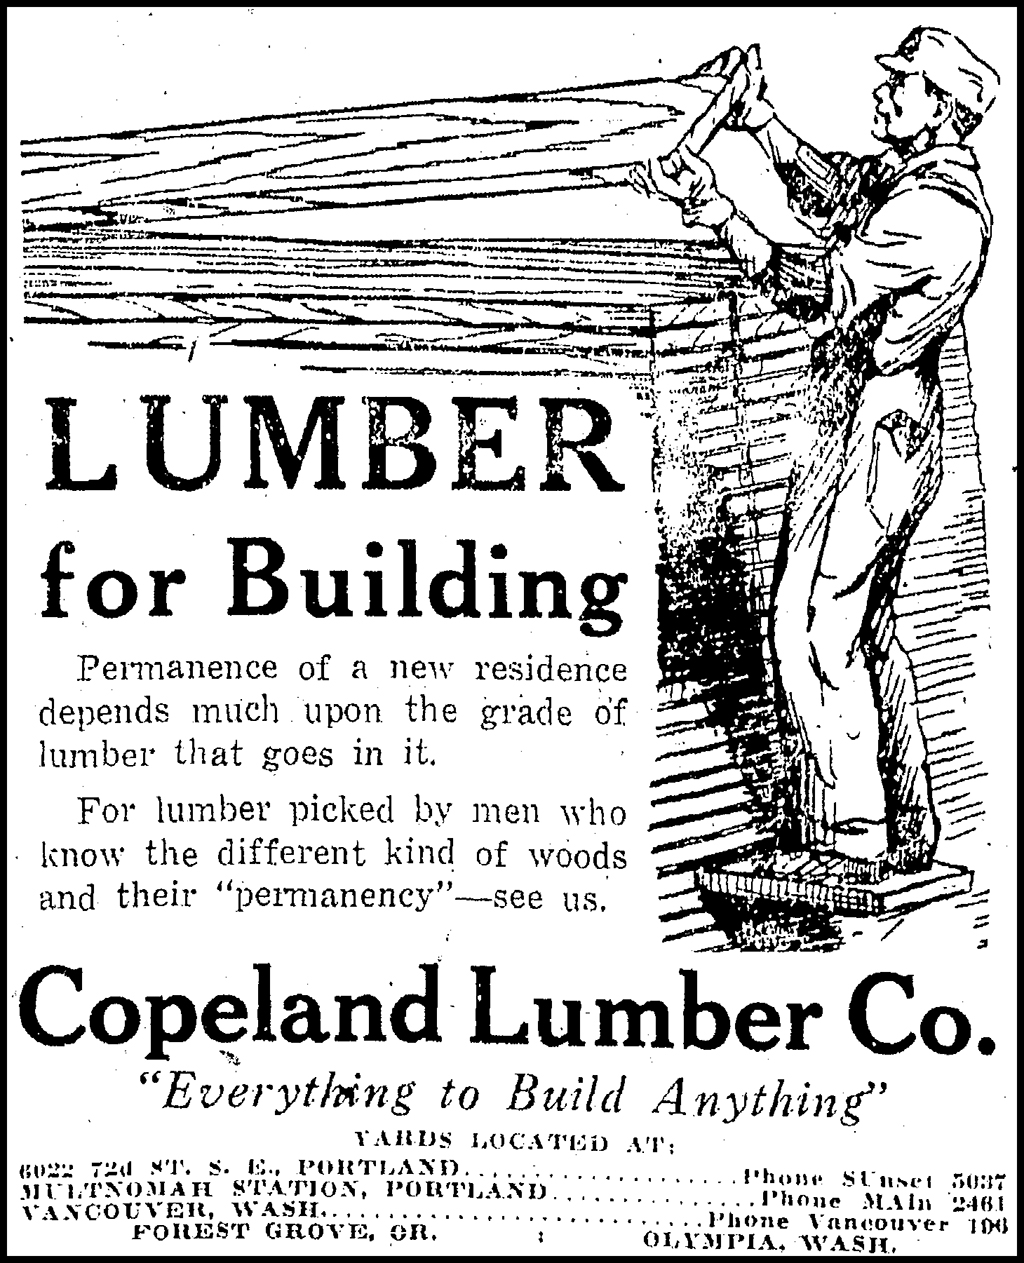 Copeland Lumber Ad, Sunday Oregonian, May 31, 1925.